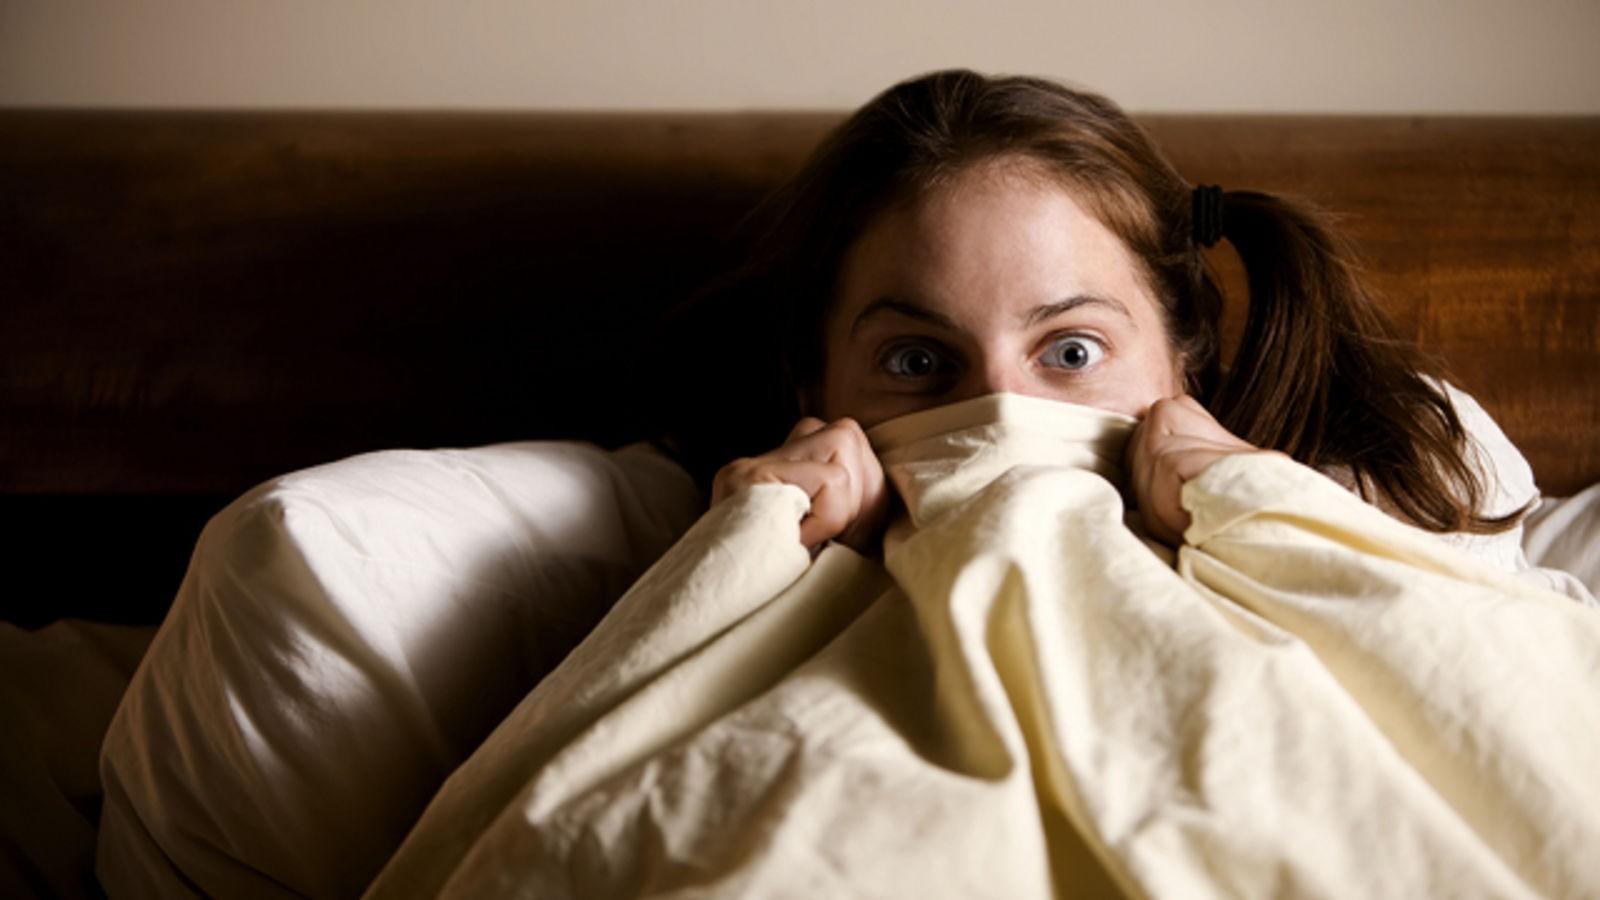 5 triệu chứng bất thường khi ngủ cảnh báo những căn bệnh nguy hiểm mà bạn tuyệt đối không nên chủ quan bỏ qua - Ảnh 1